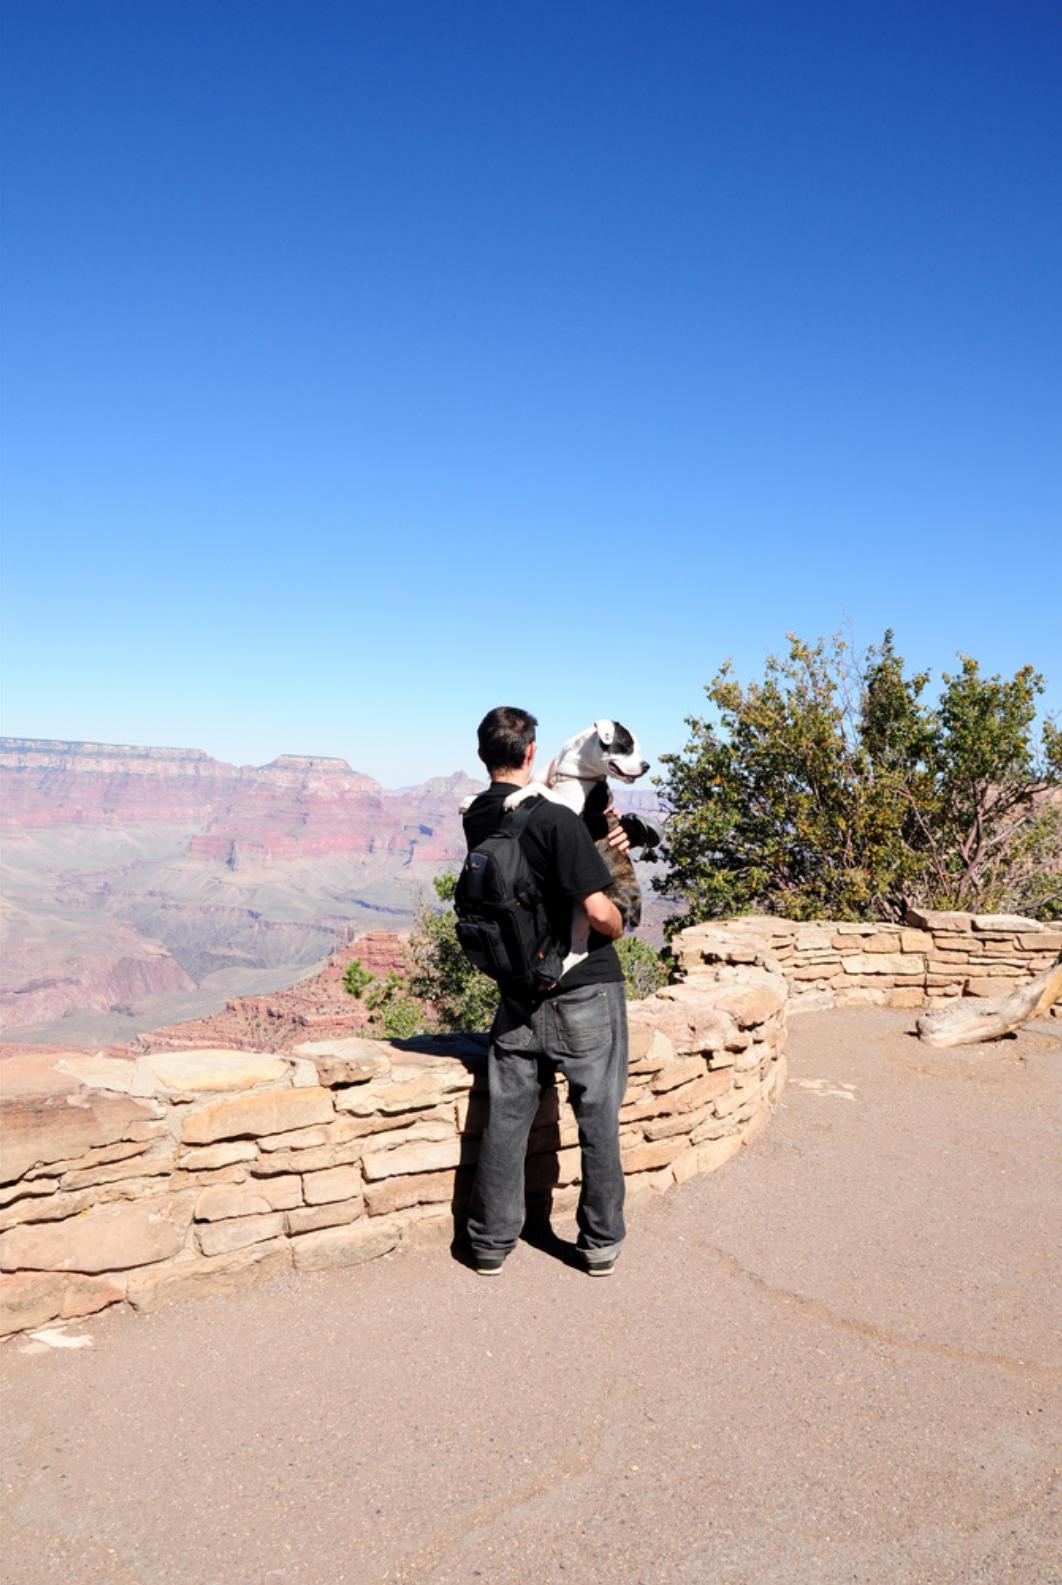 Us at the Grand Canyon